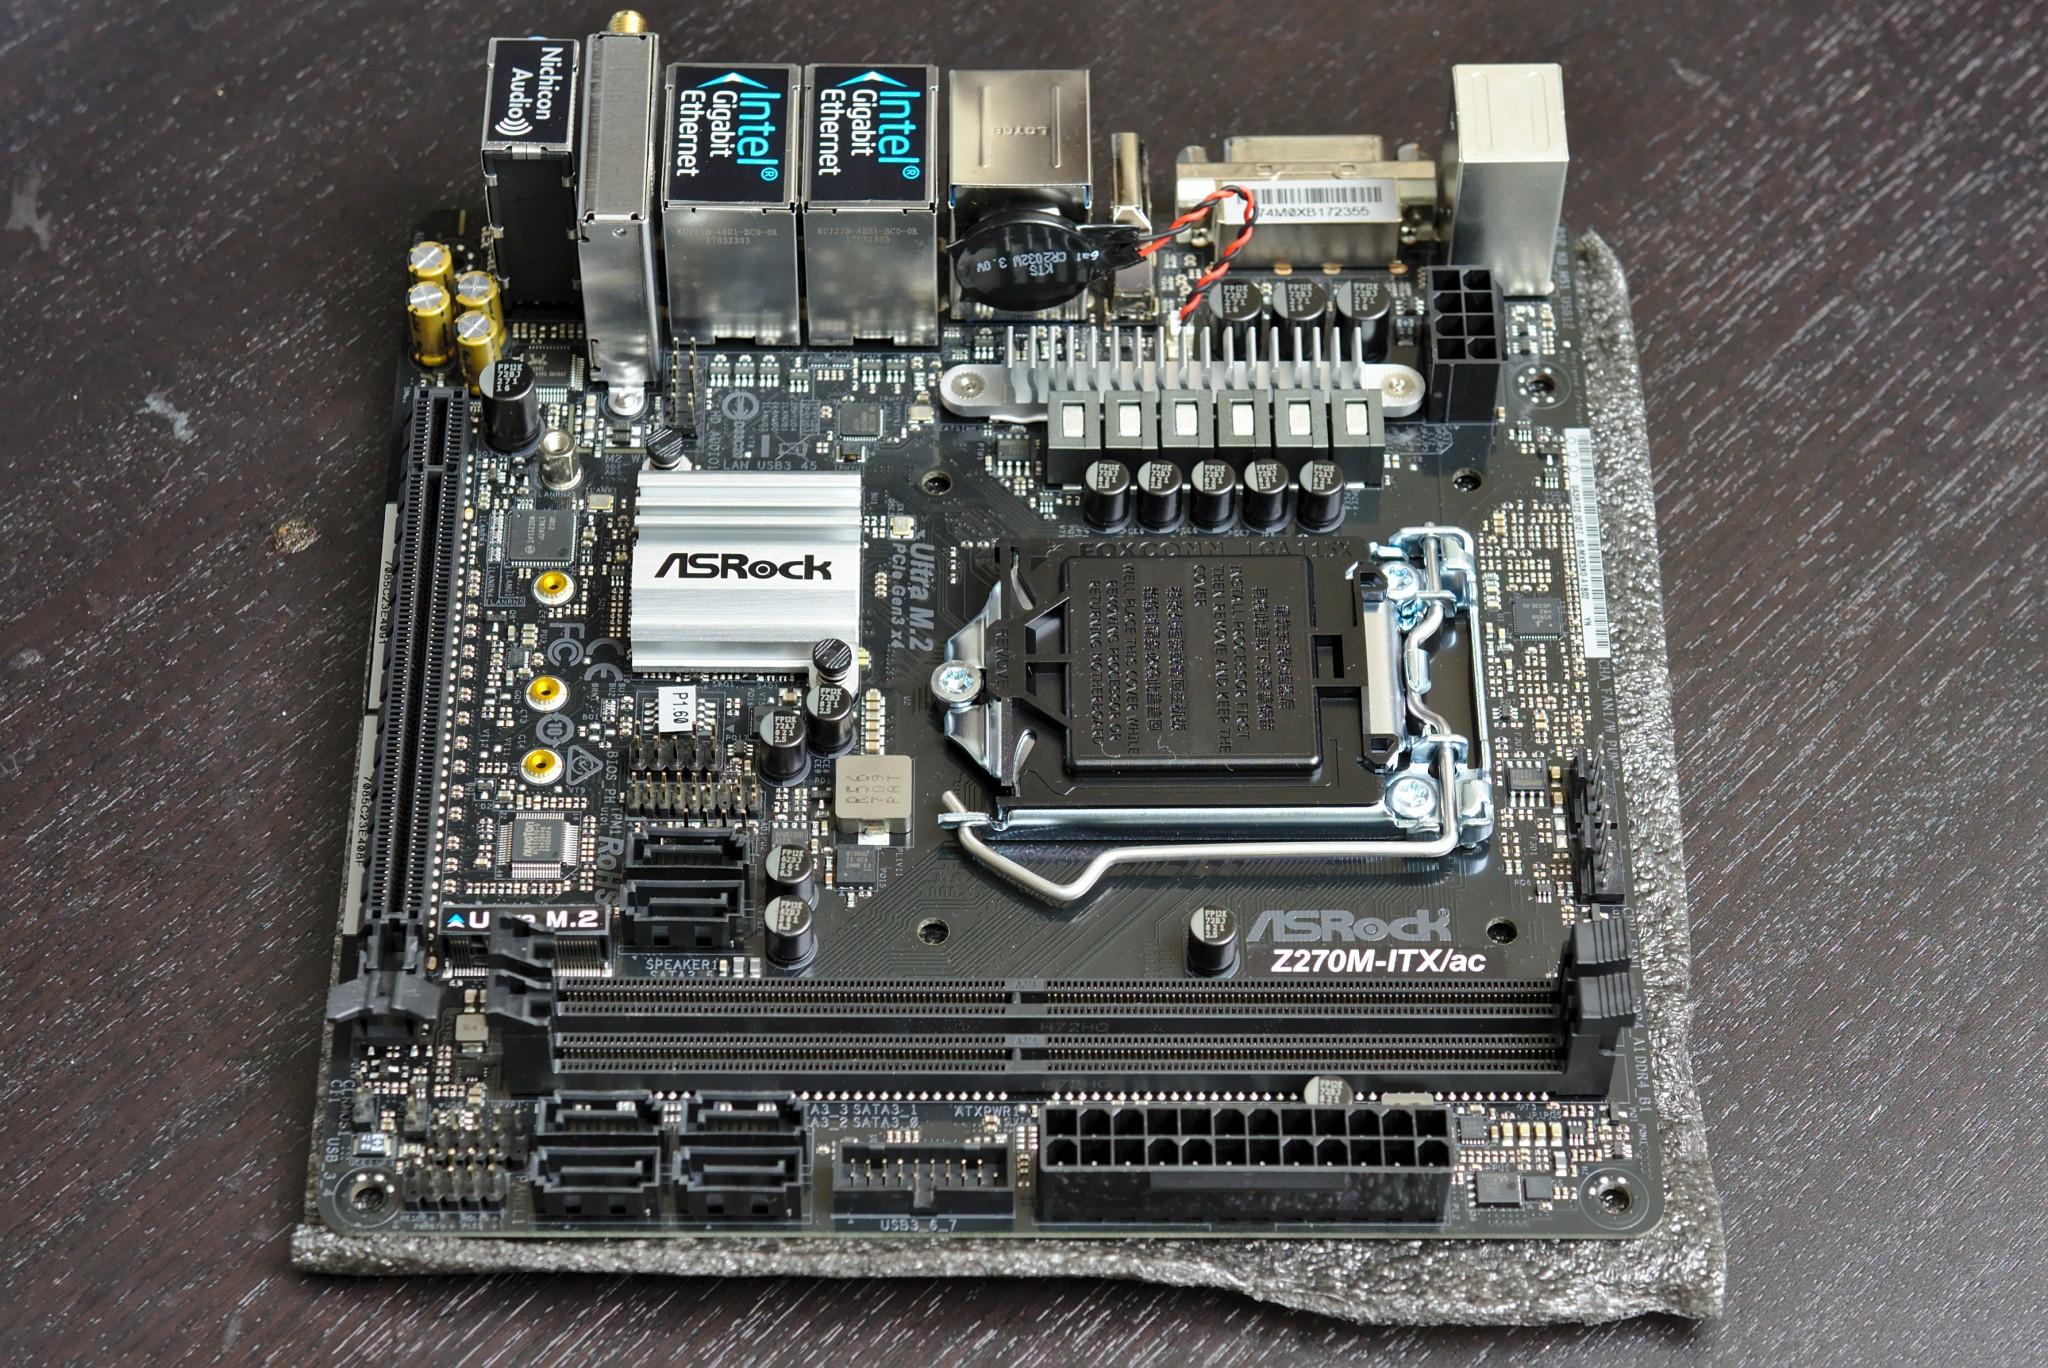 My ASRock Z270M-ITX/ac motherboard